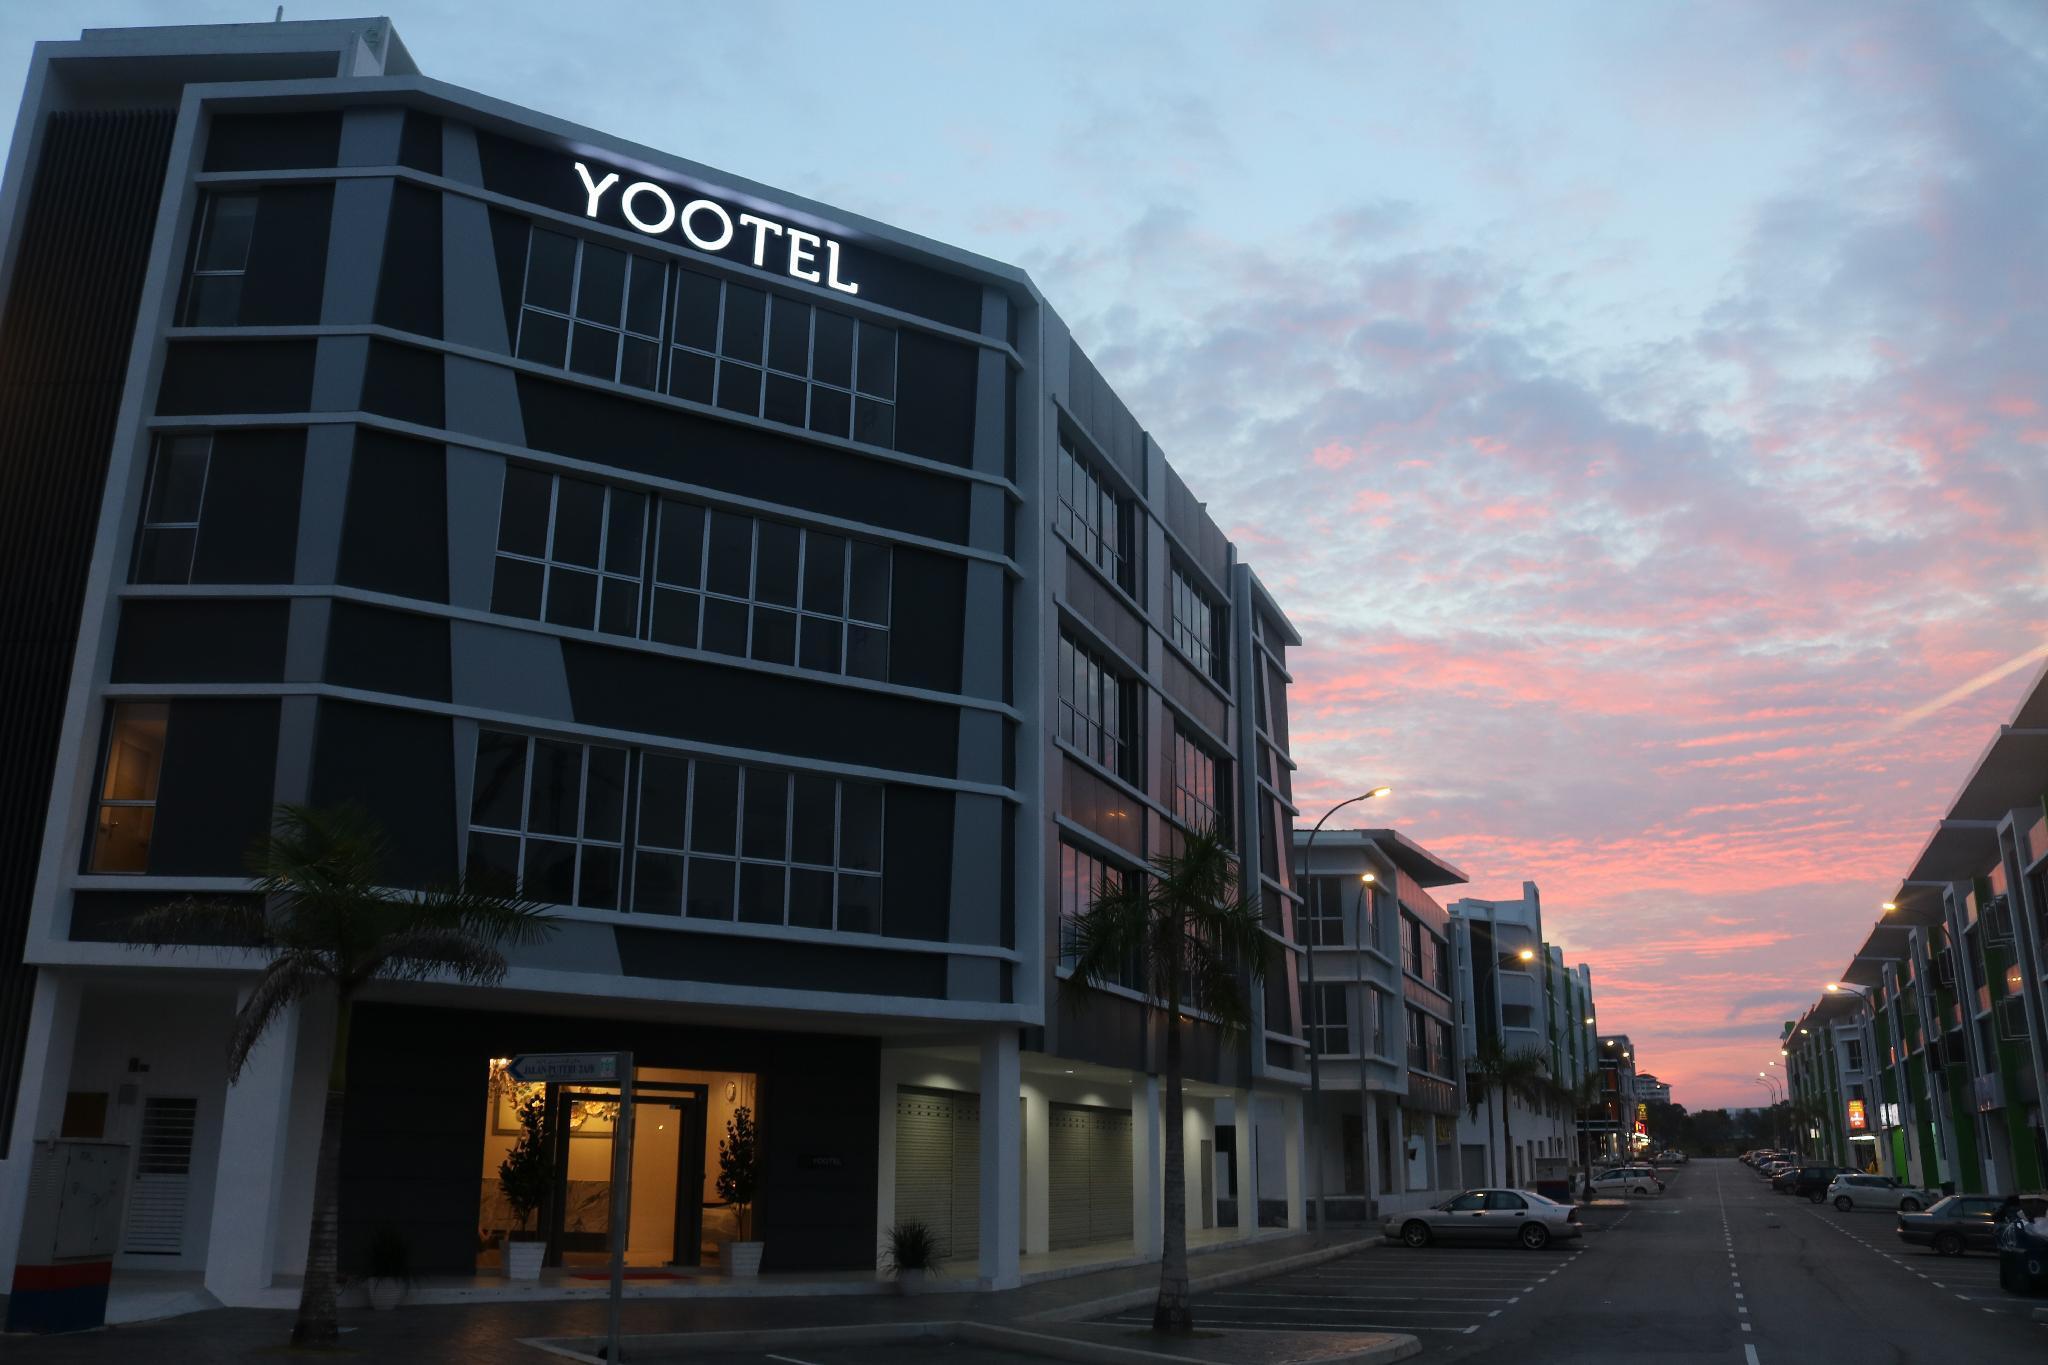 OYO 1191 Yootel Boutique Hotel, Hulu Langat